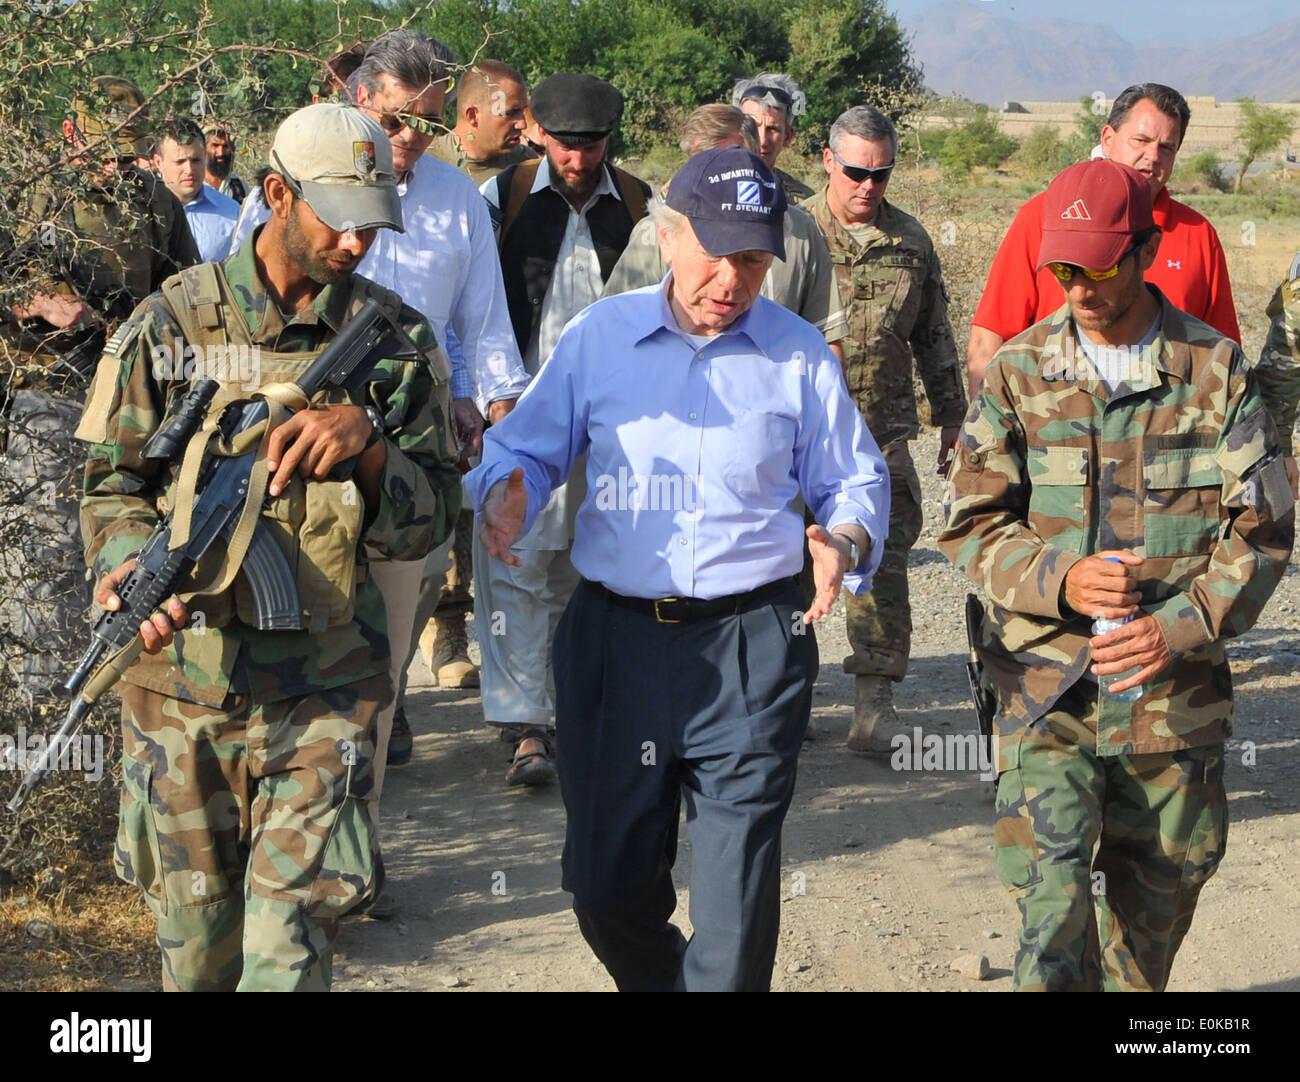 KONAR PROVINCE, Afghanistan - Sen. Joe Lieberman speaks with U.S. Special Operations Forces team members in Mangwel village, Kh - Stock Image